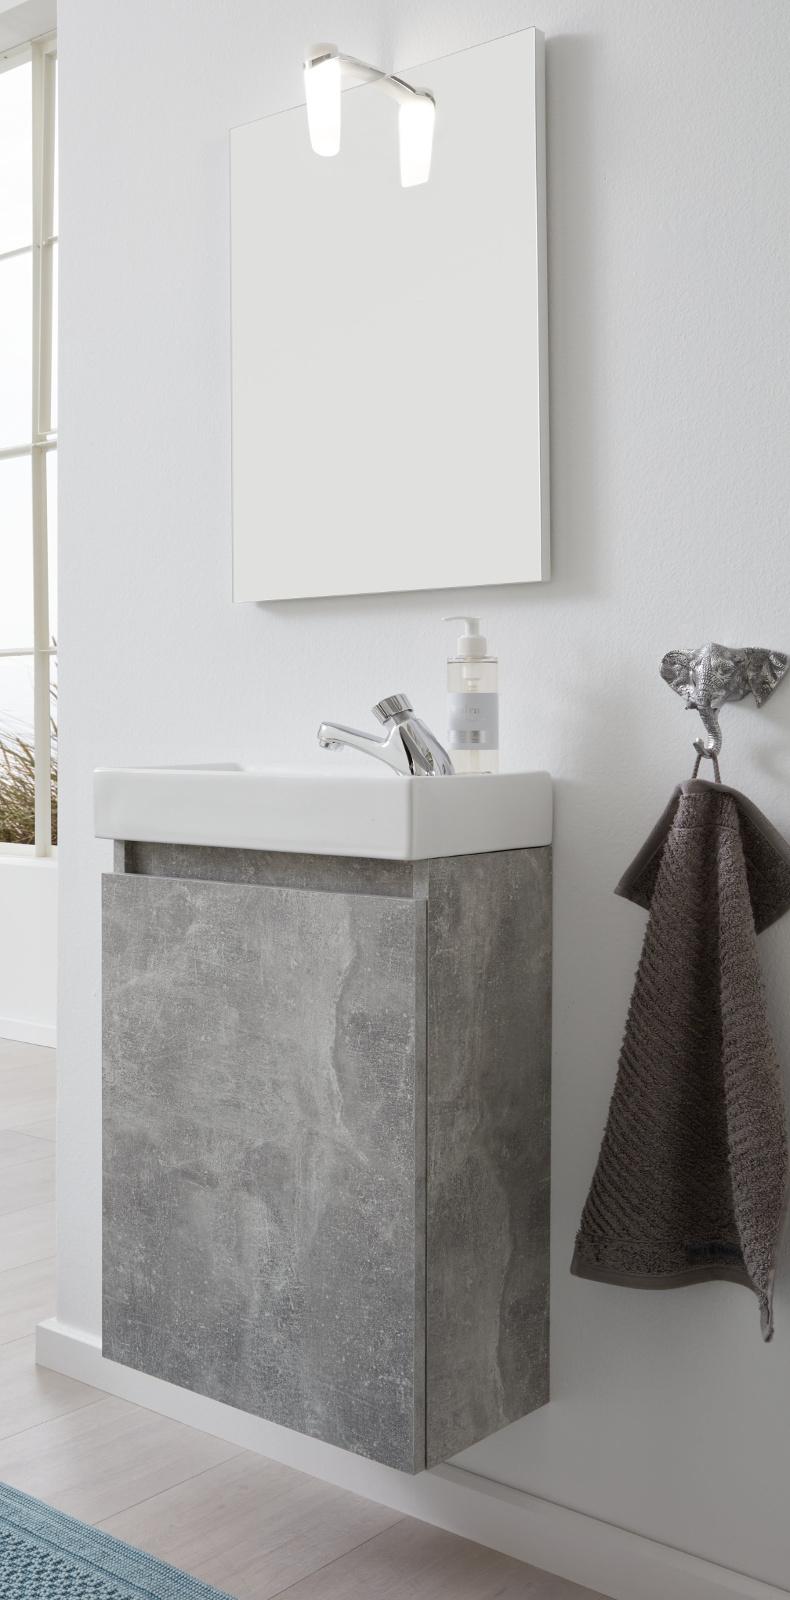 Bad m bel komplett set waschbecken unterschrank spiegel for Waschbecken komplett set